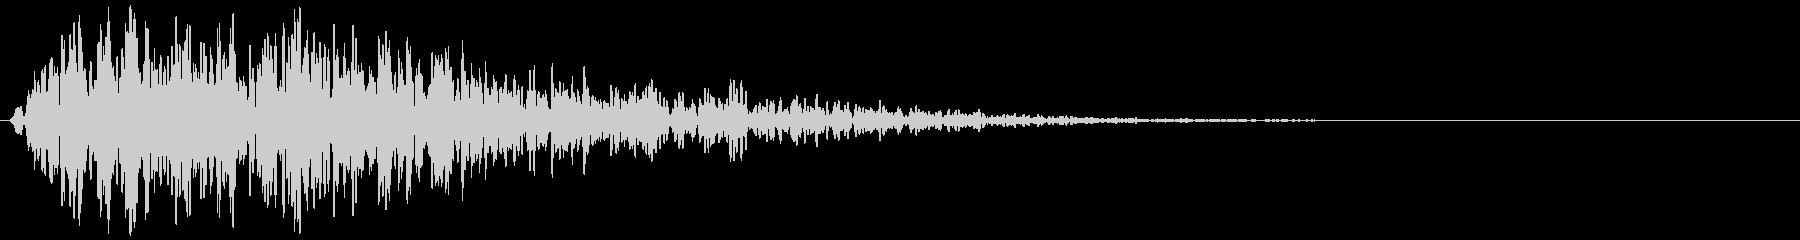 ロボット系効果音の未再生の波形